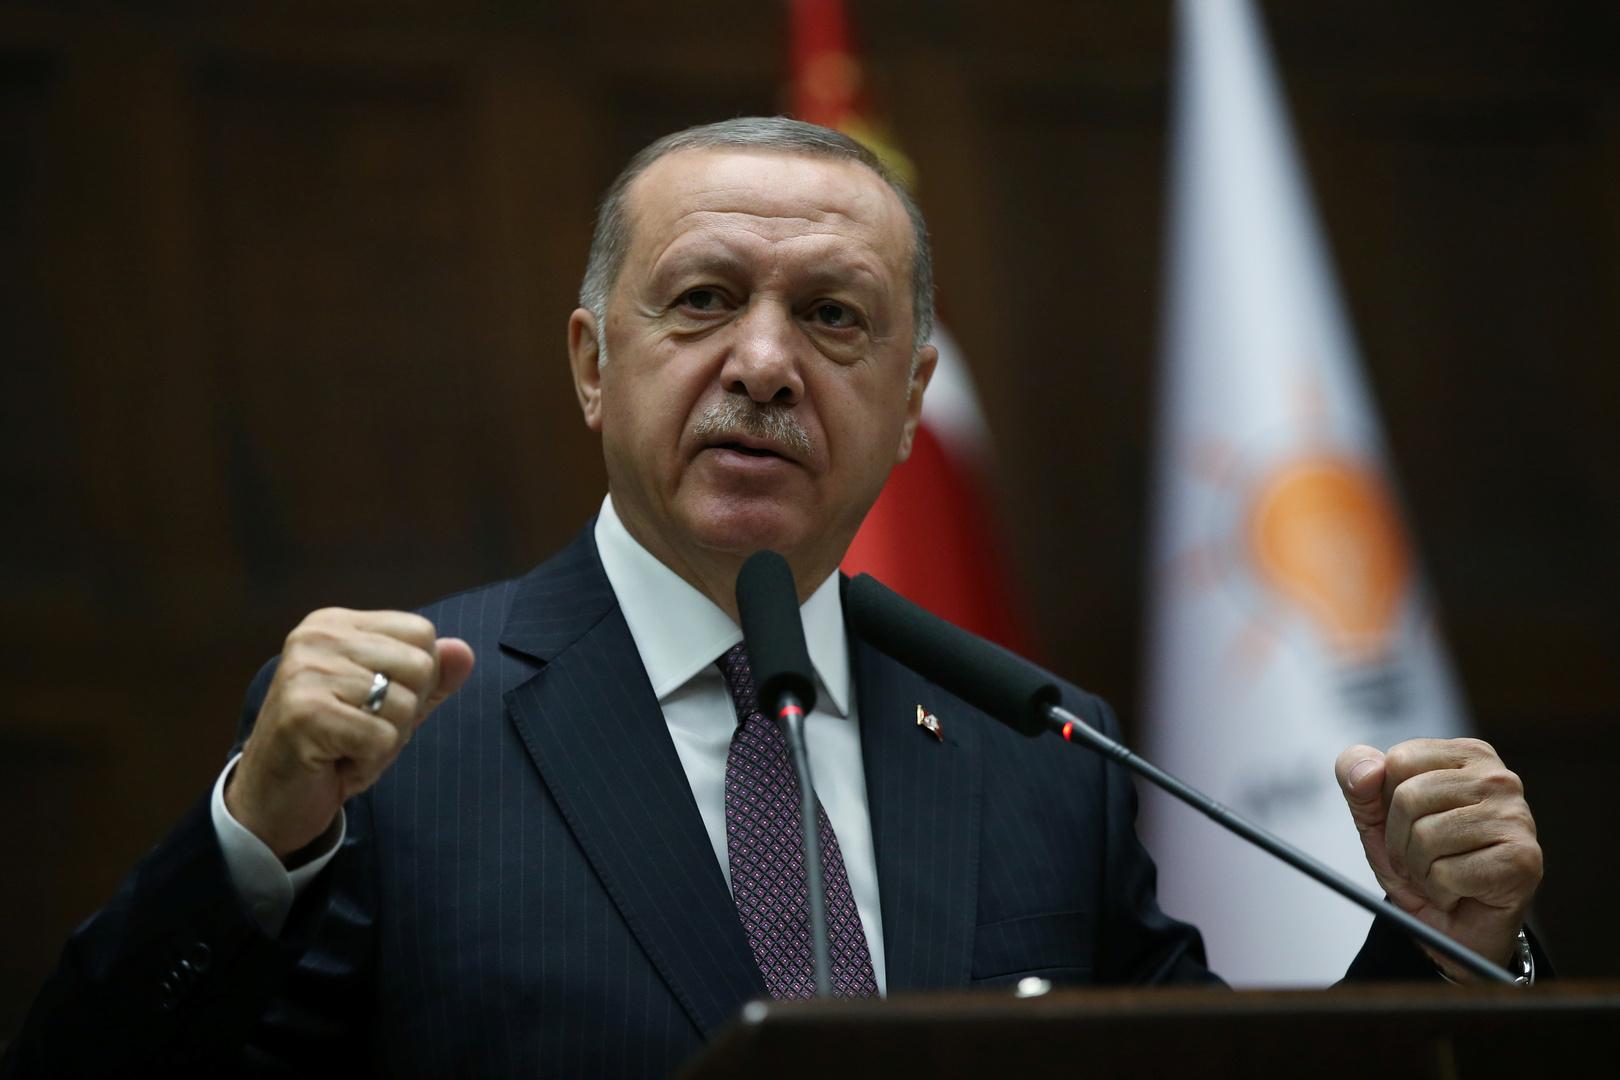 أردوغان يهدد بإغلاق قاعدة إنجرليك التركية التي تستخدمها القوات الأمريكية